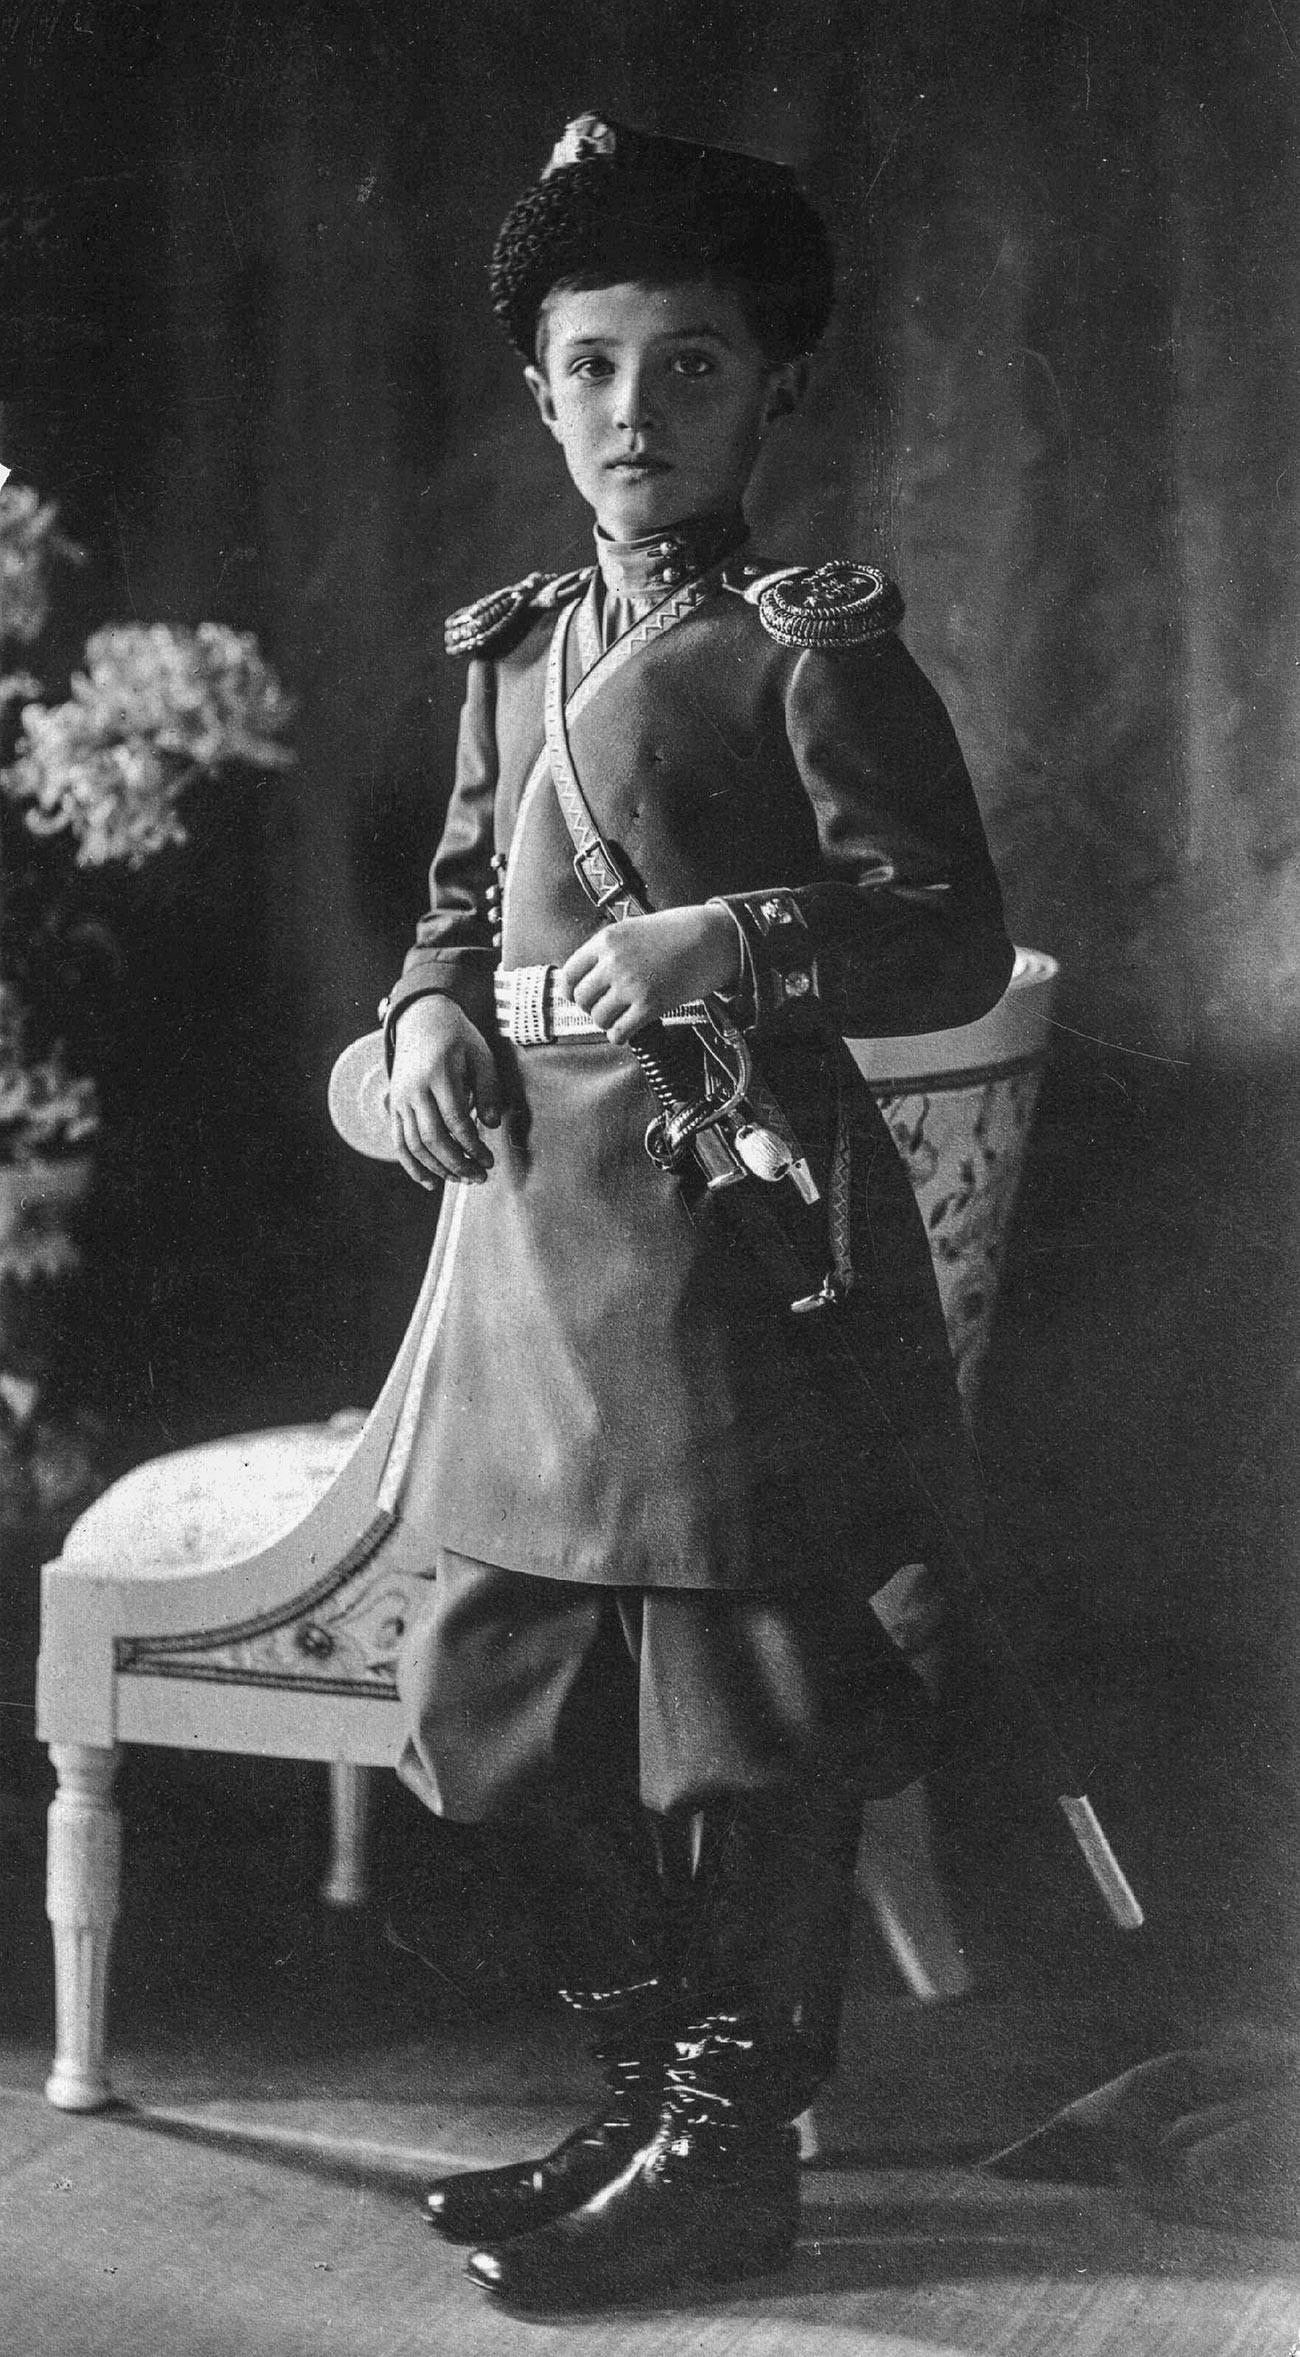 Zarewitsch Alexei Nikolajewitsch